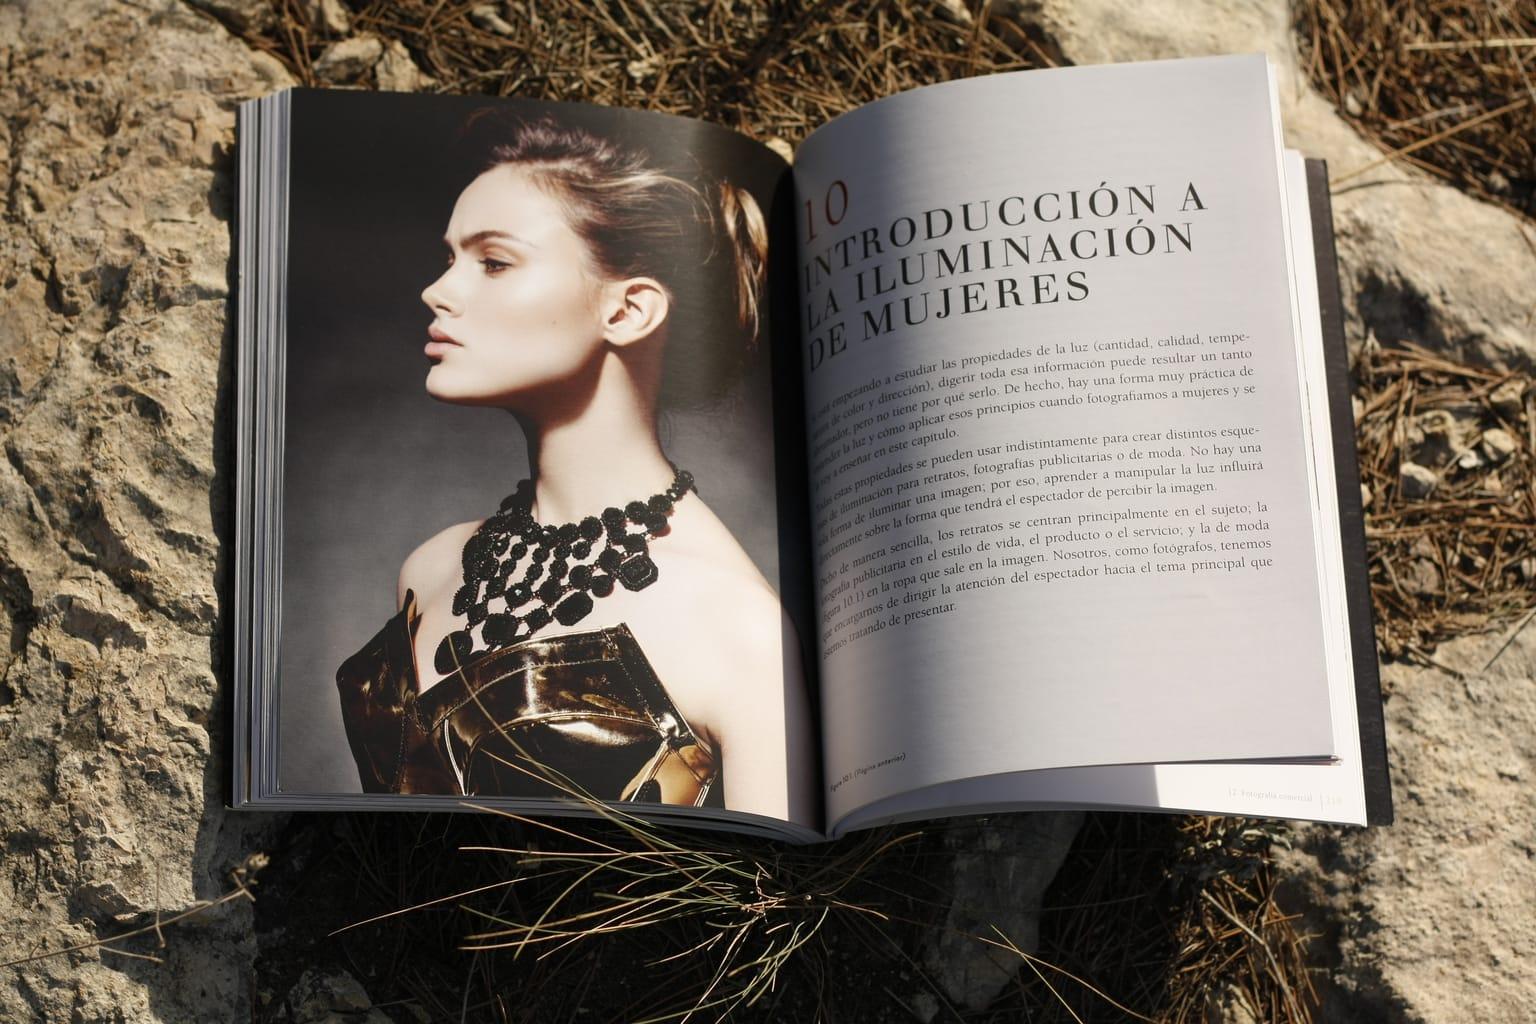 Iluminación libro fotografíar a la mujer